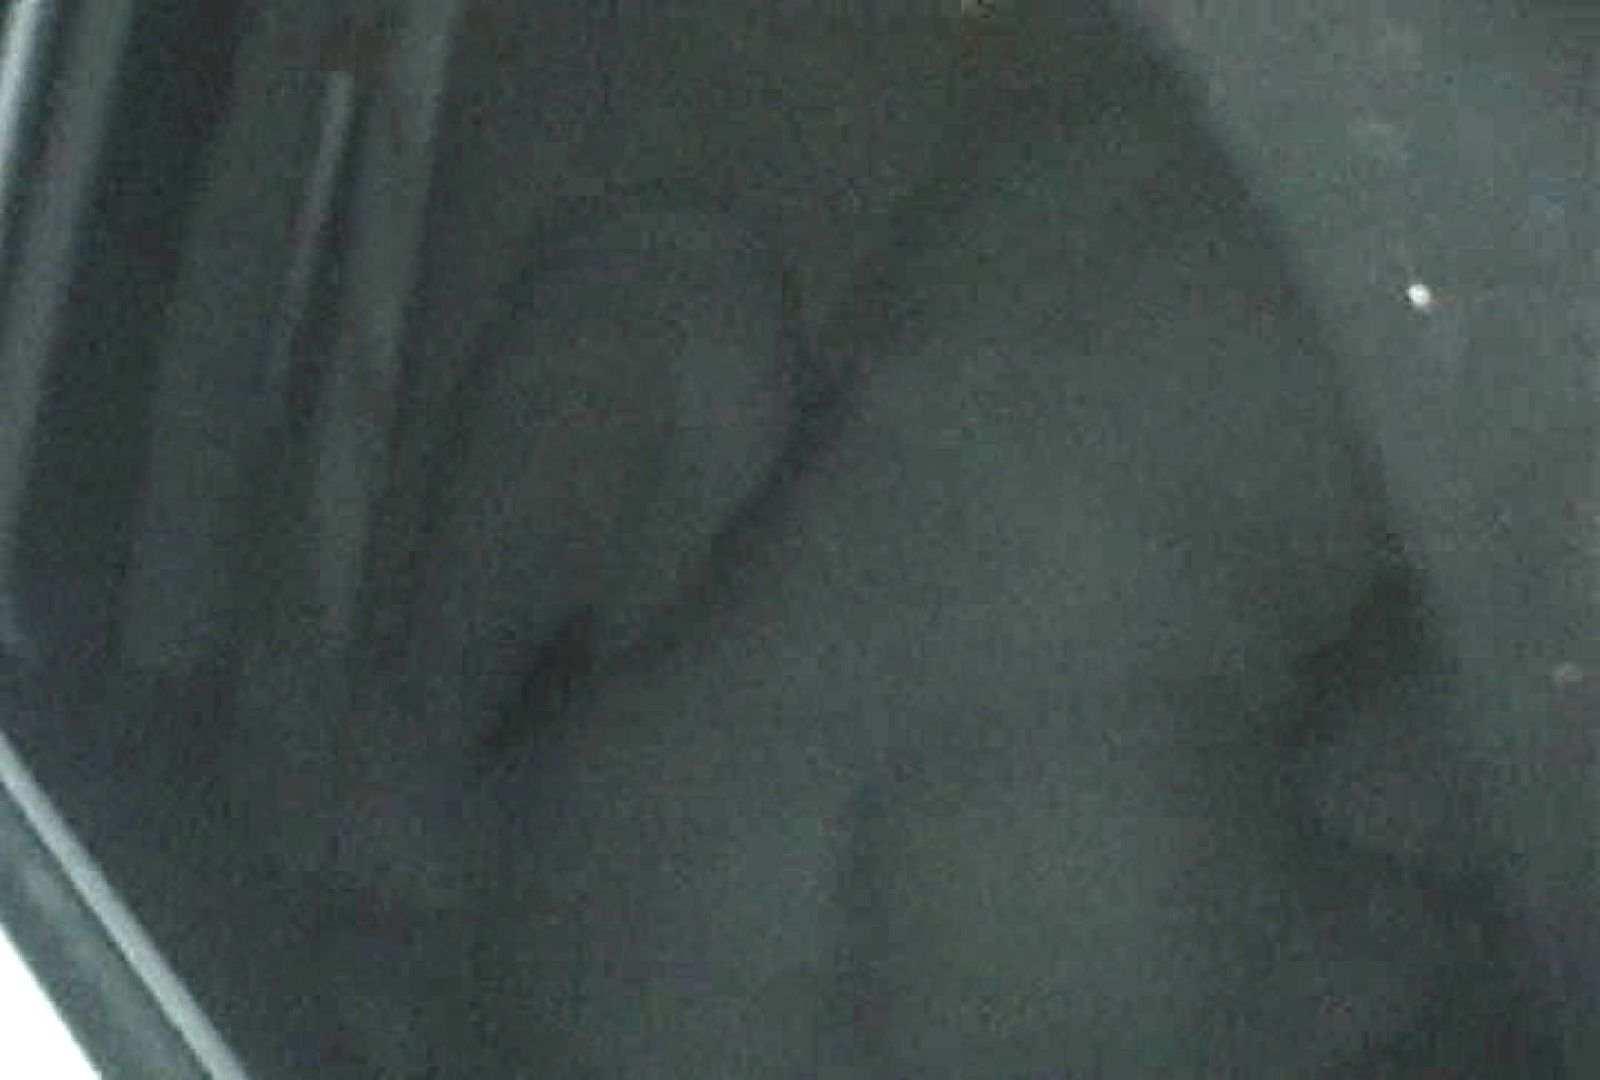 充血監督の深夜の運動会Vol.42 ギャルすけべ画像 AV動画キャプチャ 55連発 18